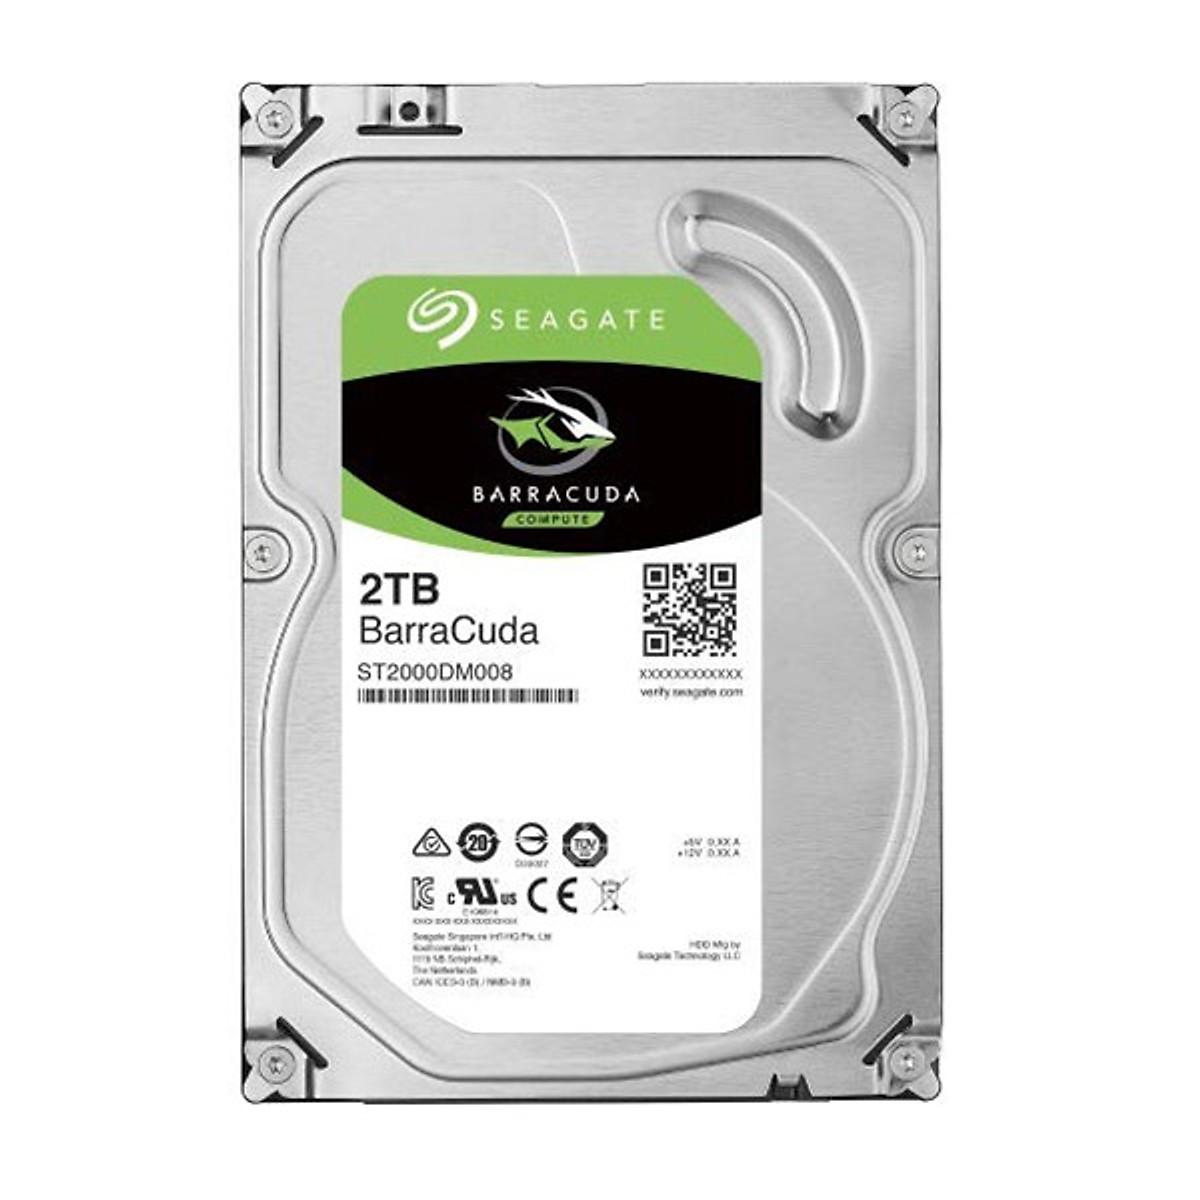 Ổ Cứng HDD Seagate BarraCuda 2TB/64MB/3.5 ST2000DM008 – Hàng Chính Hãng